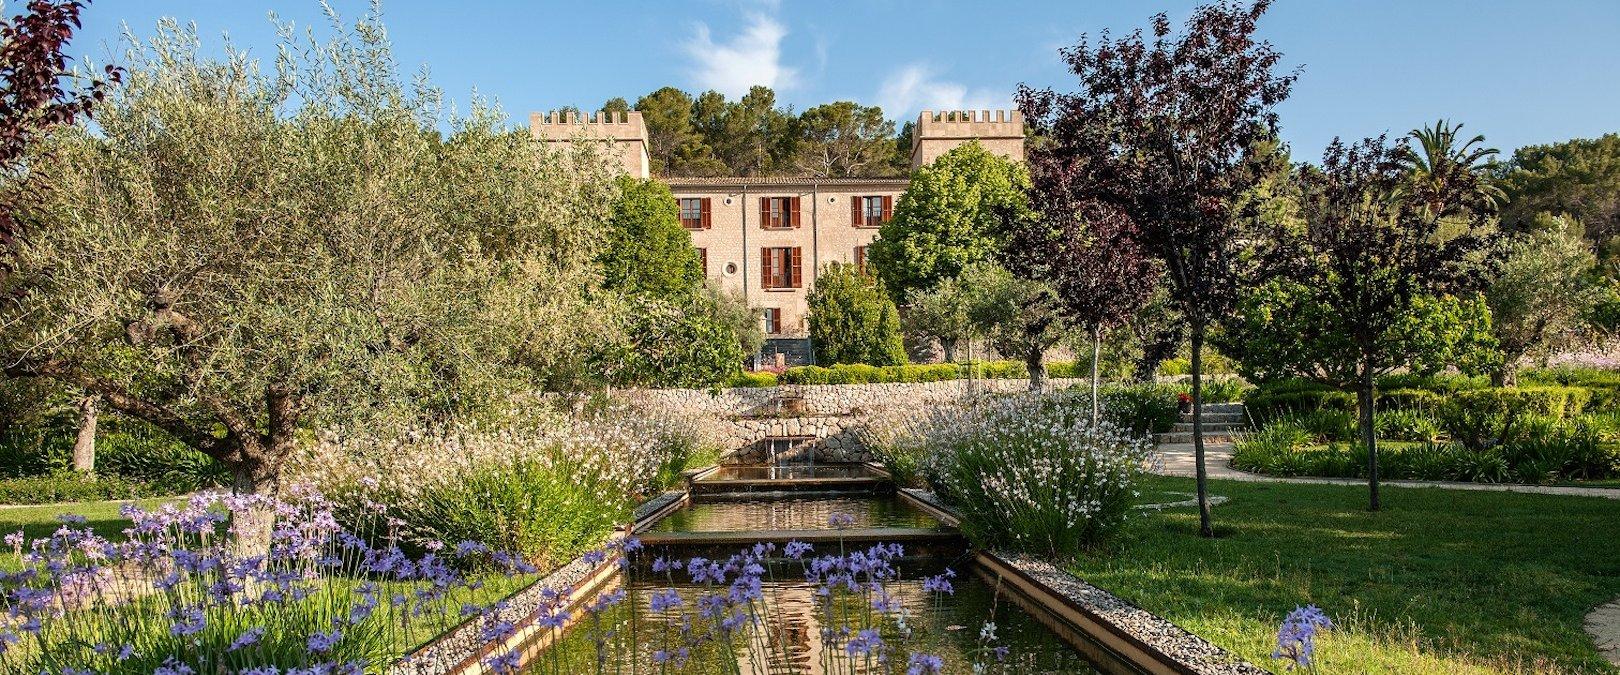 Castell Son Claret Garden